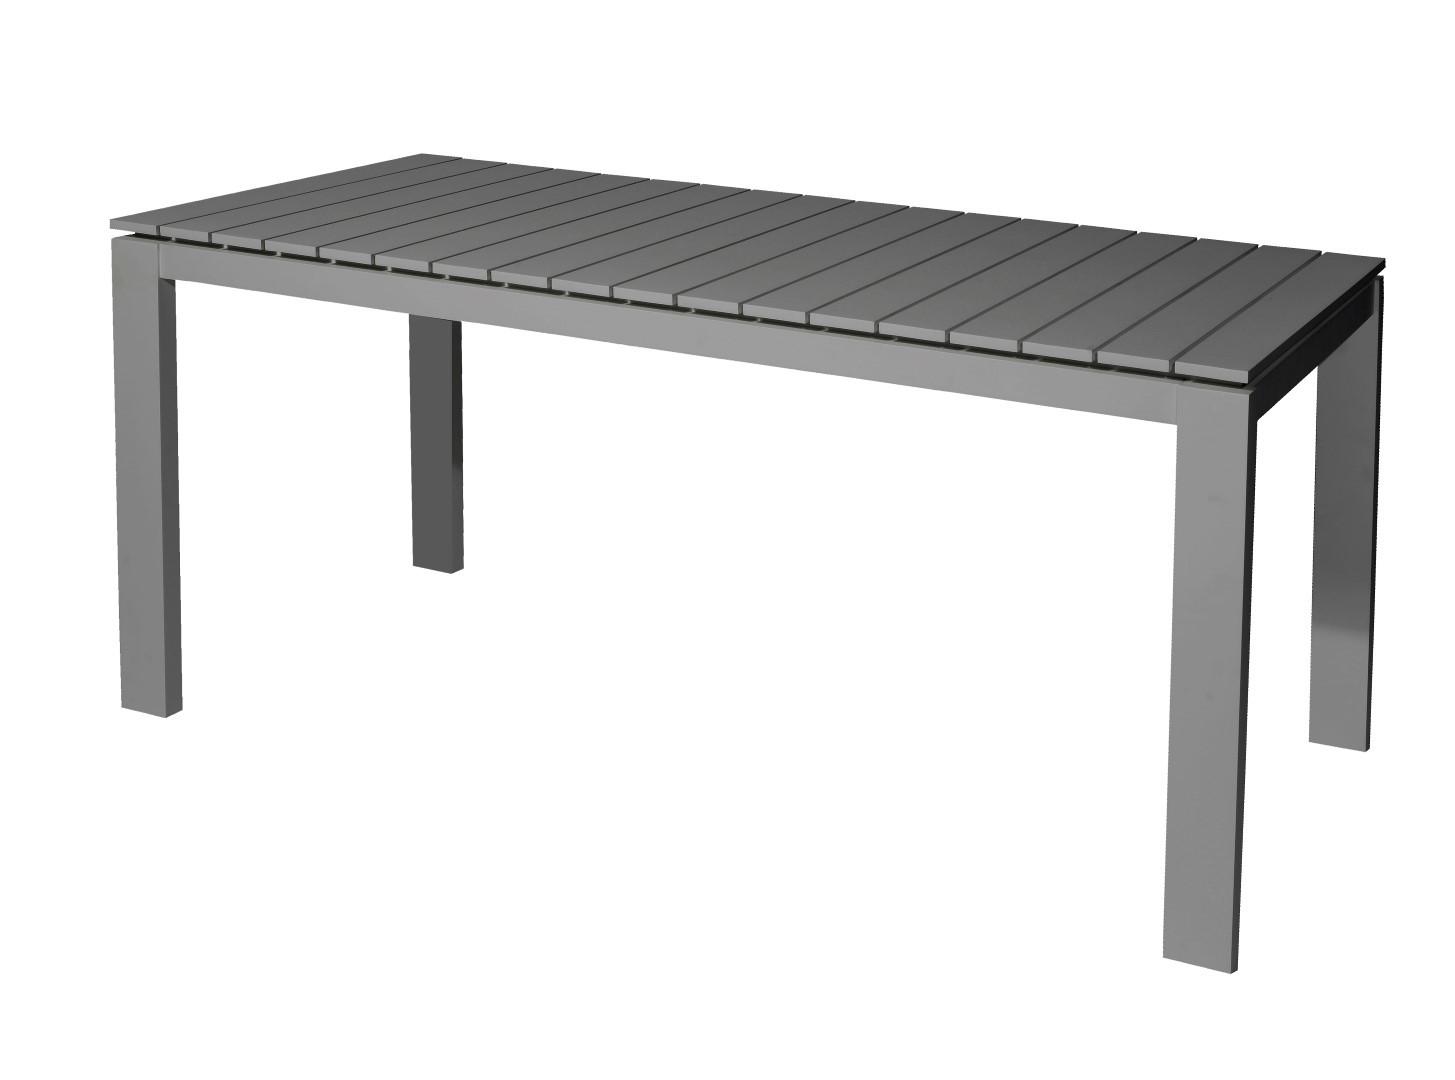 Morris table 160x80x75 cm alu anthracite